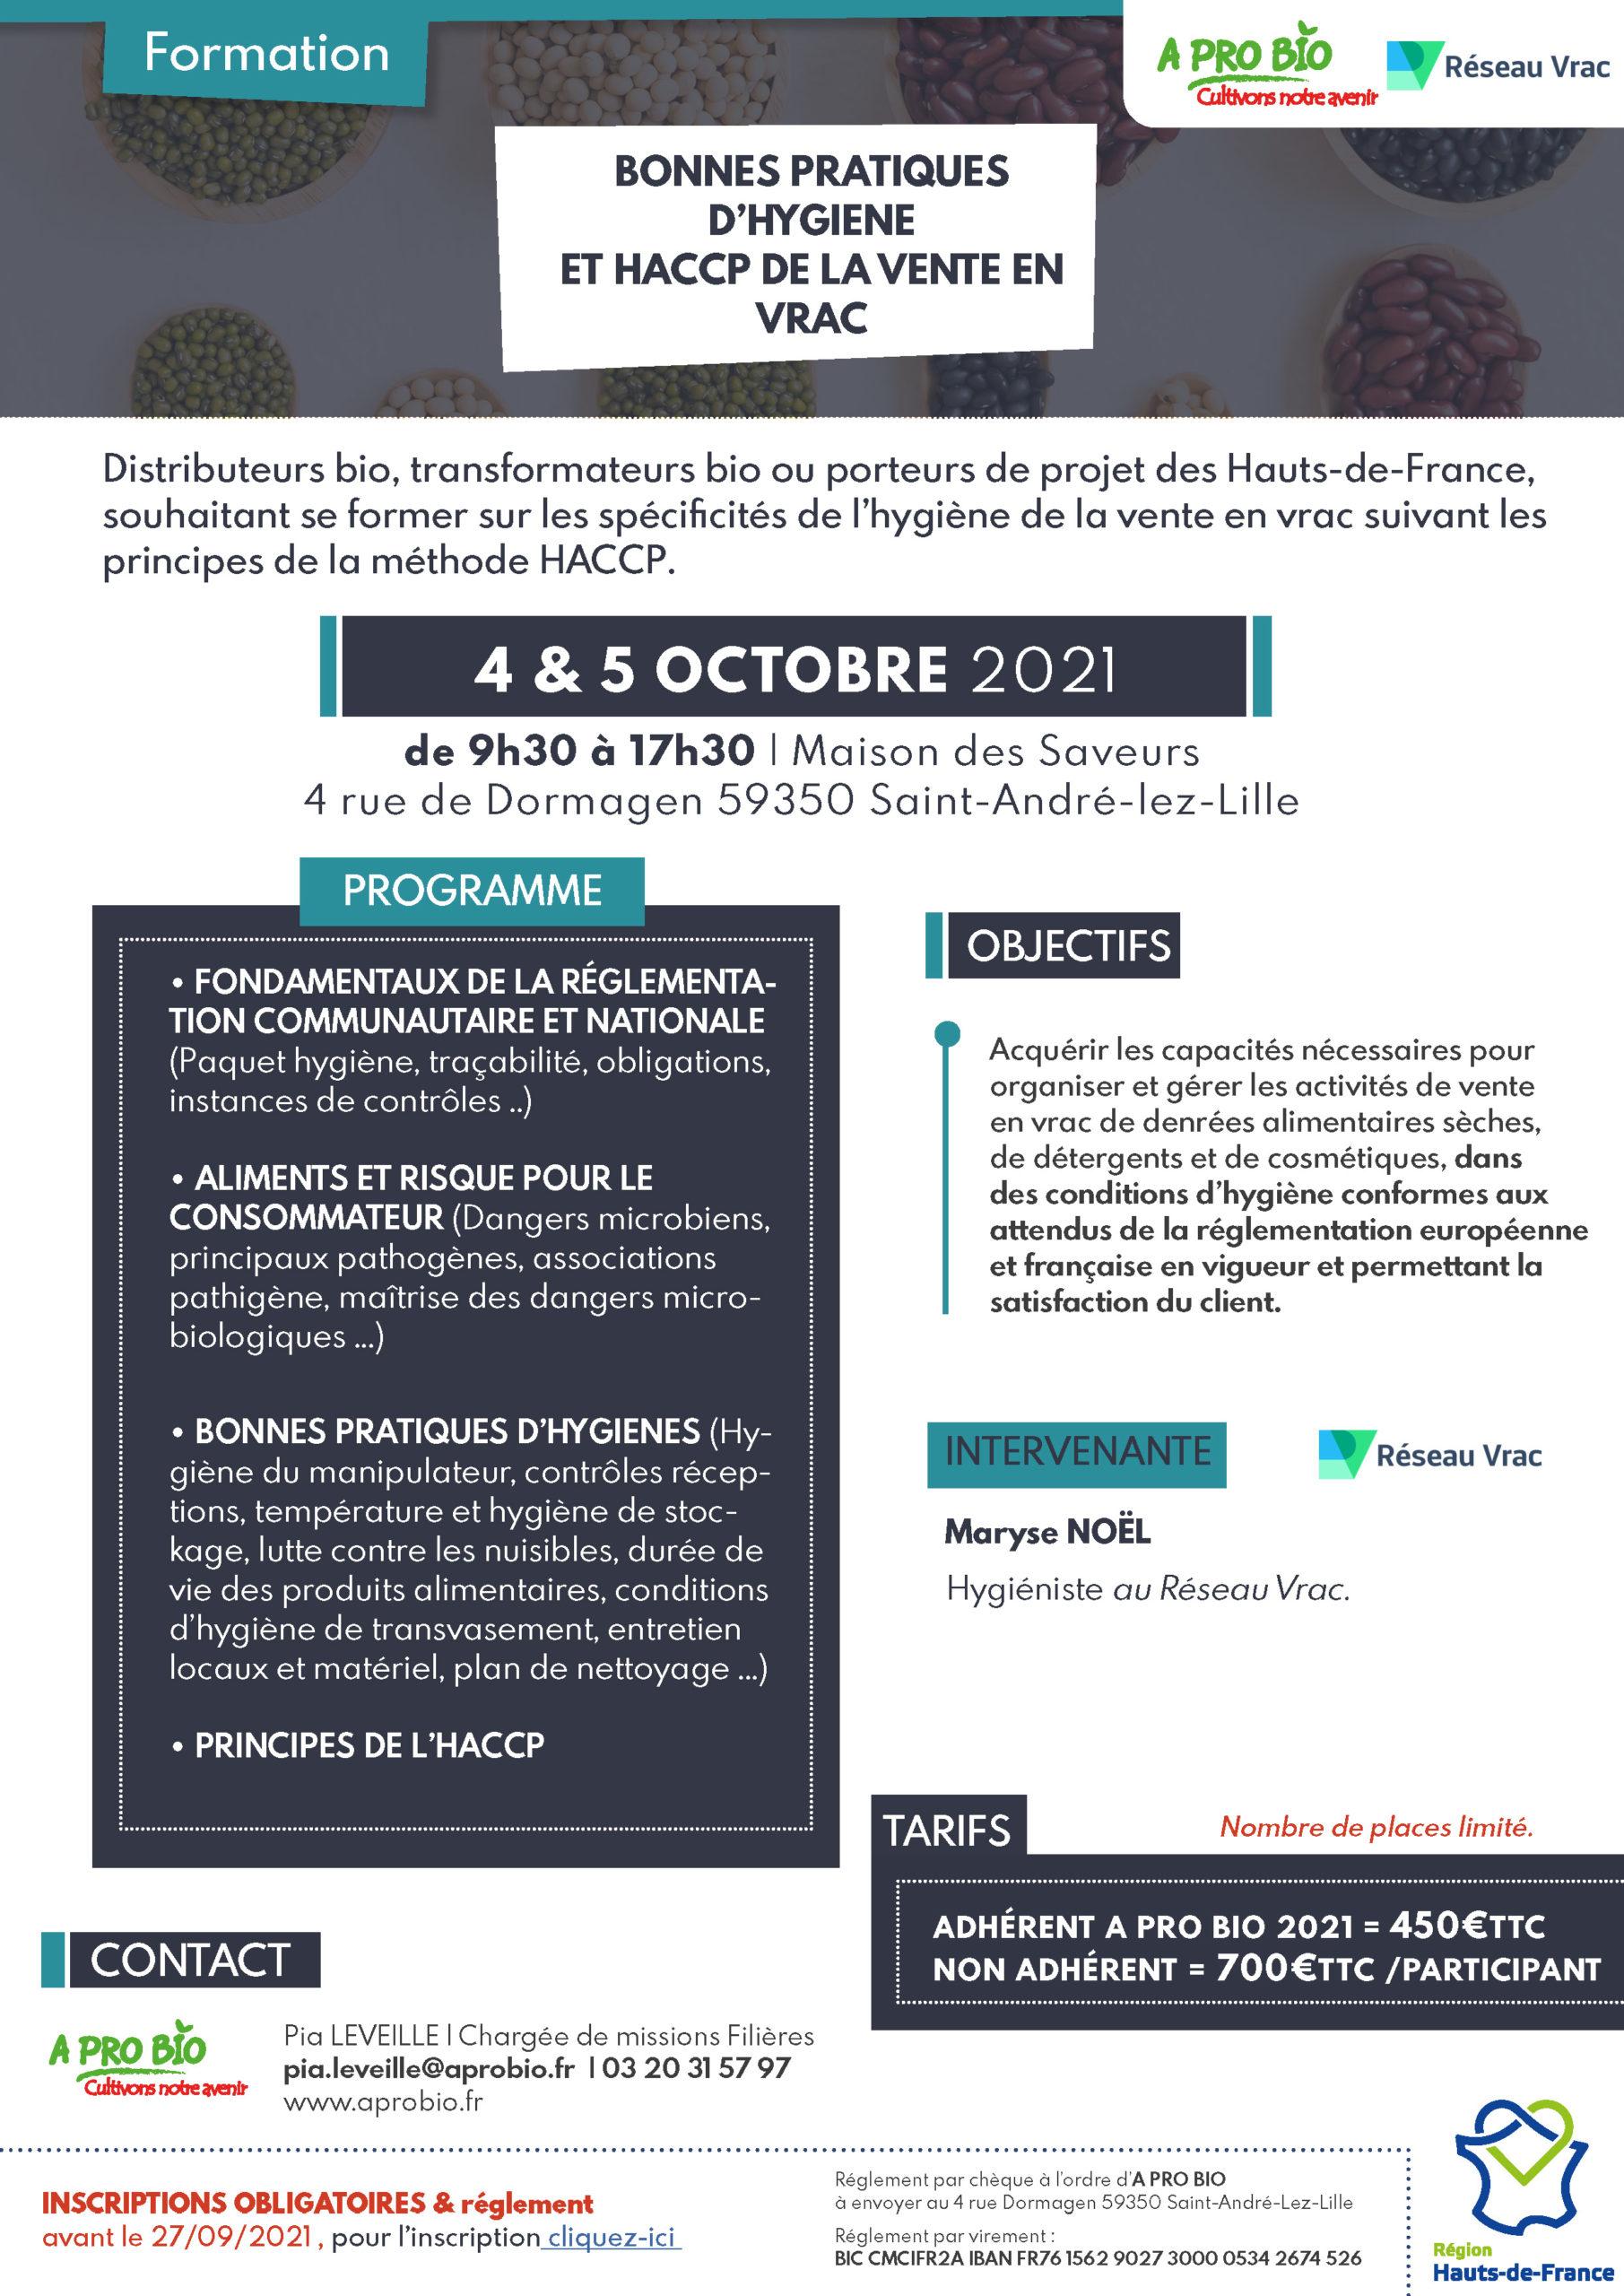 📅 4 & 5 octobre |  Formation hygiène en Vrac